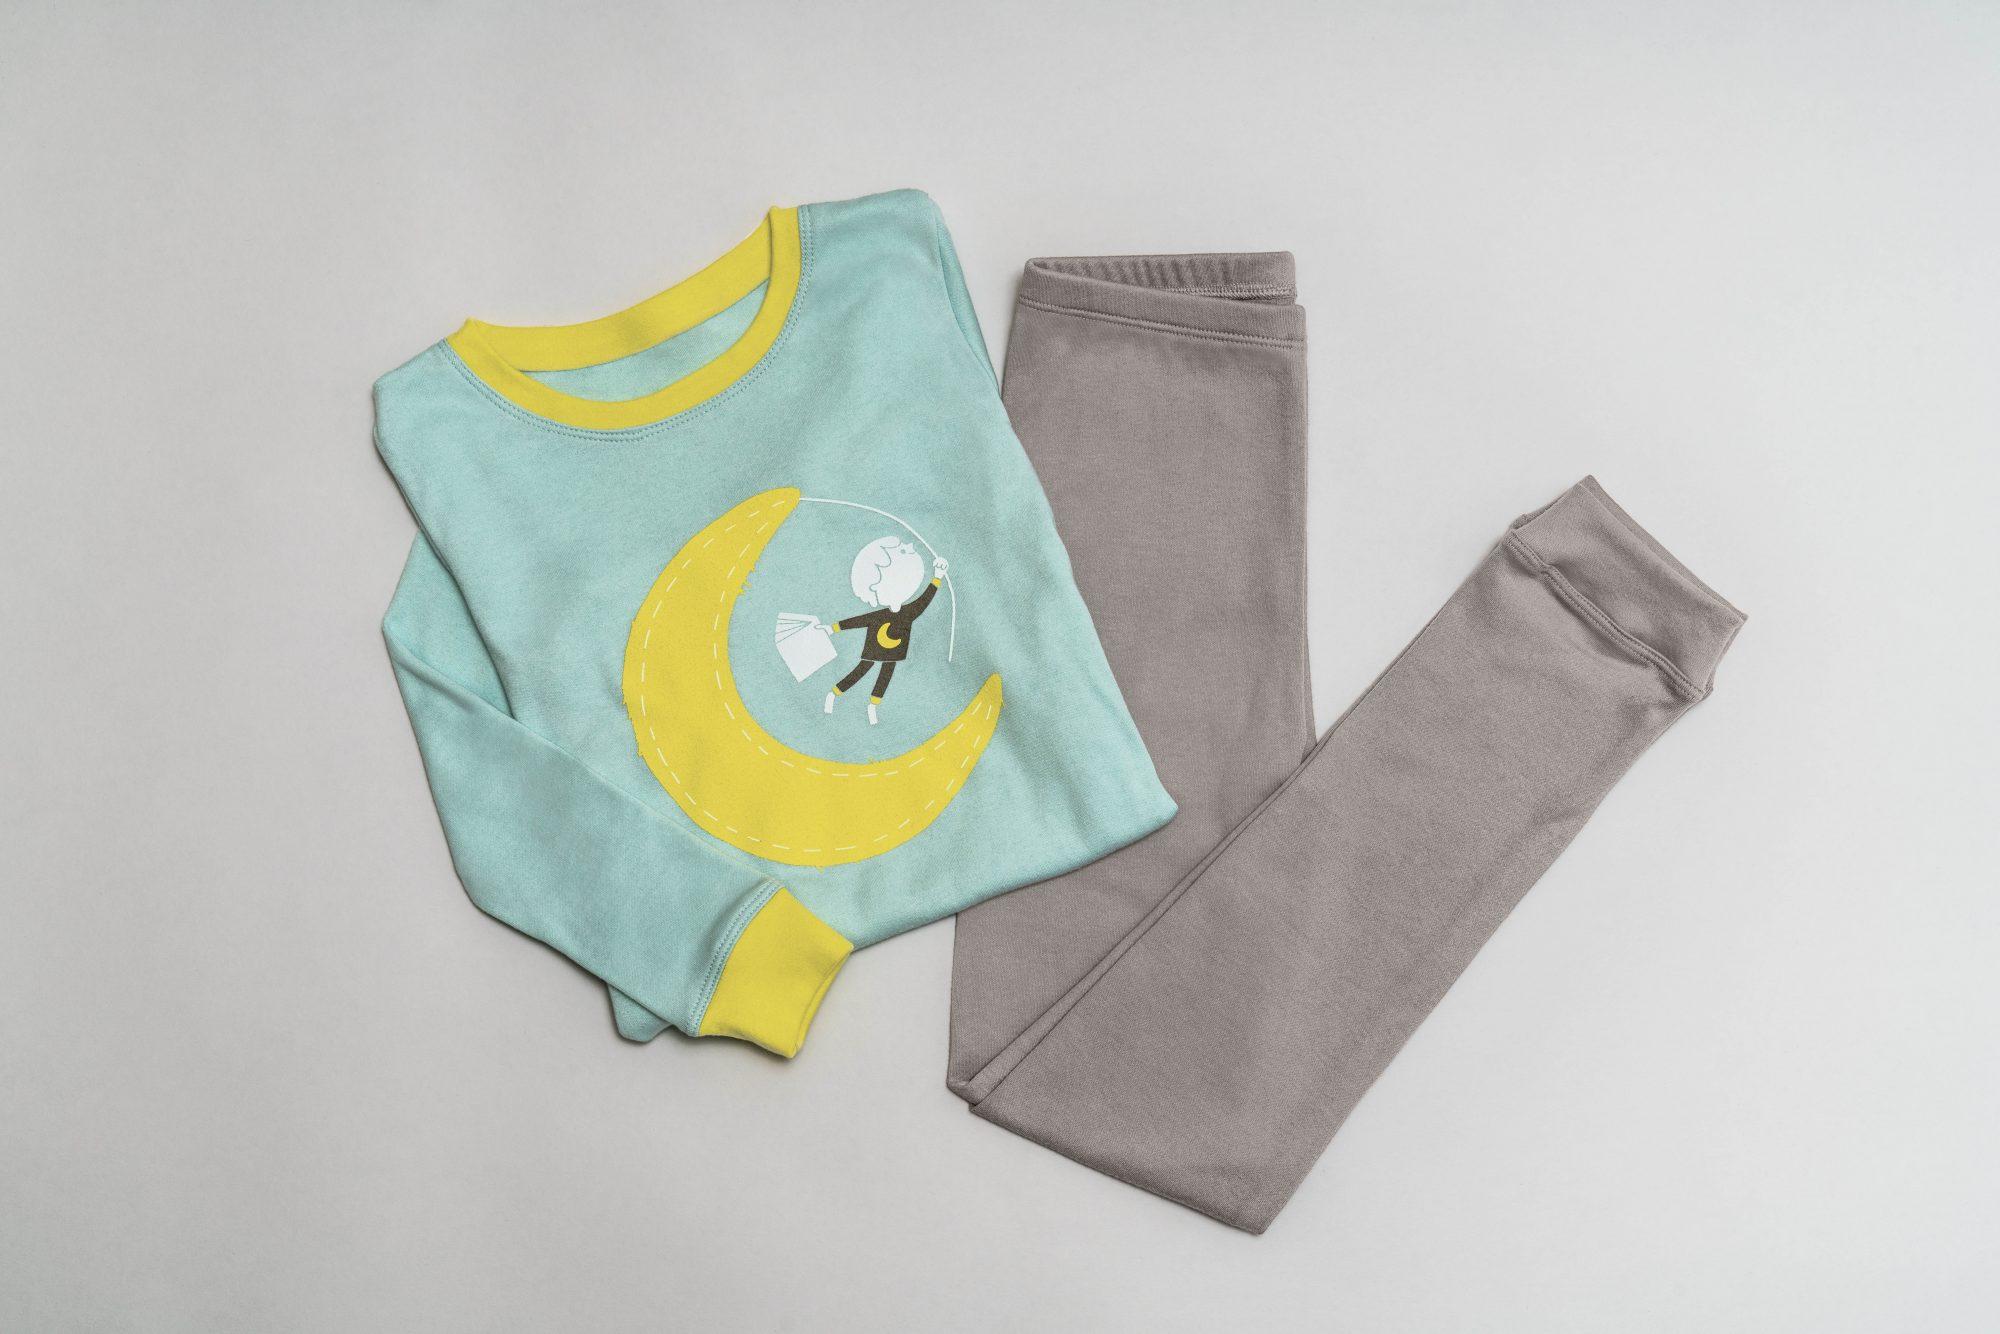 westin-upcycling-pajamas.jpg